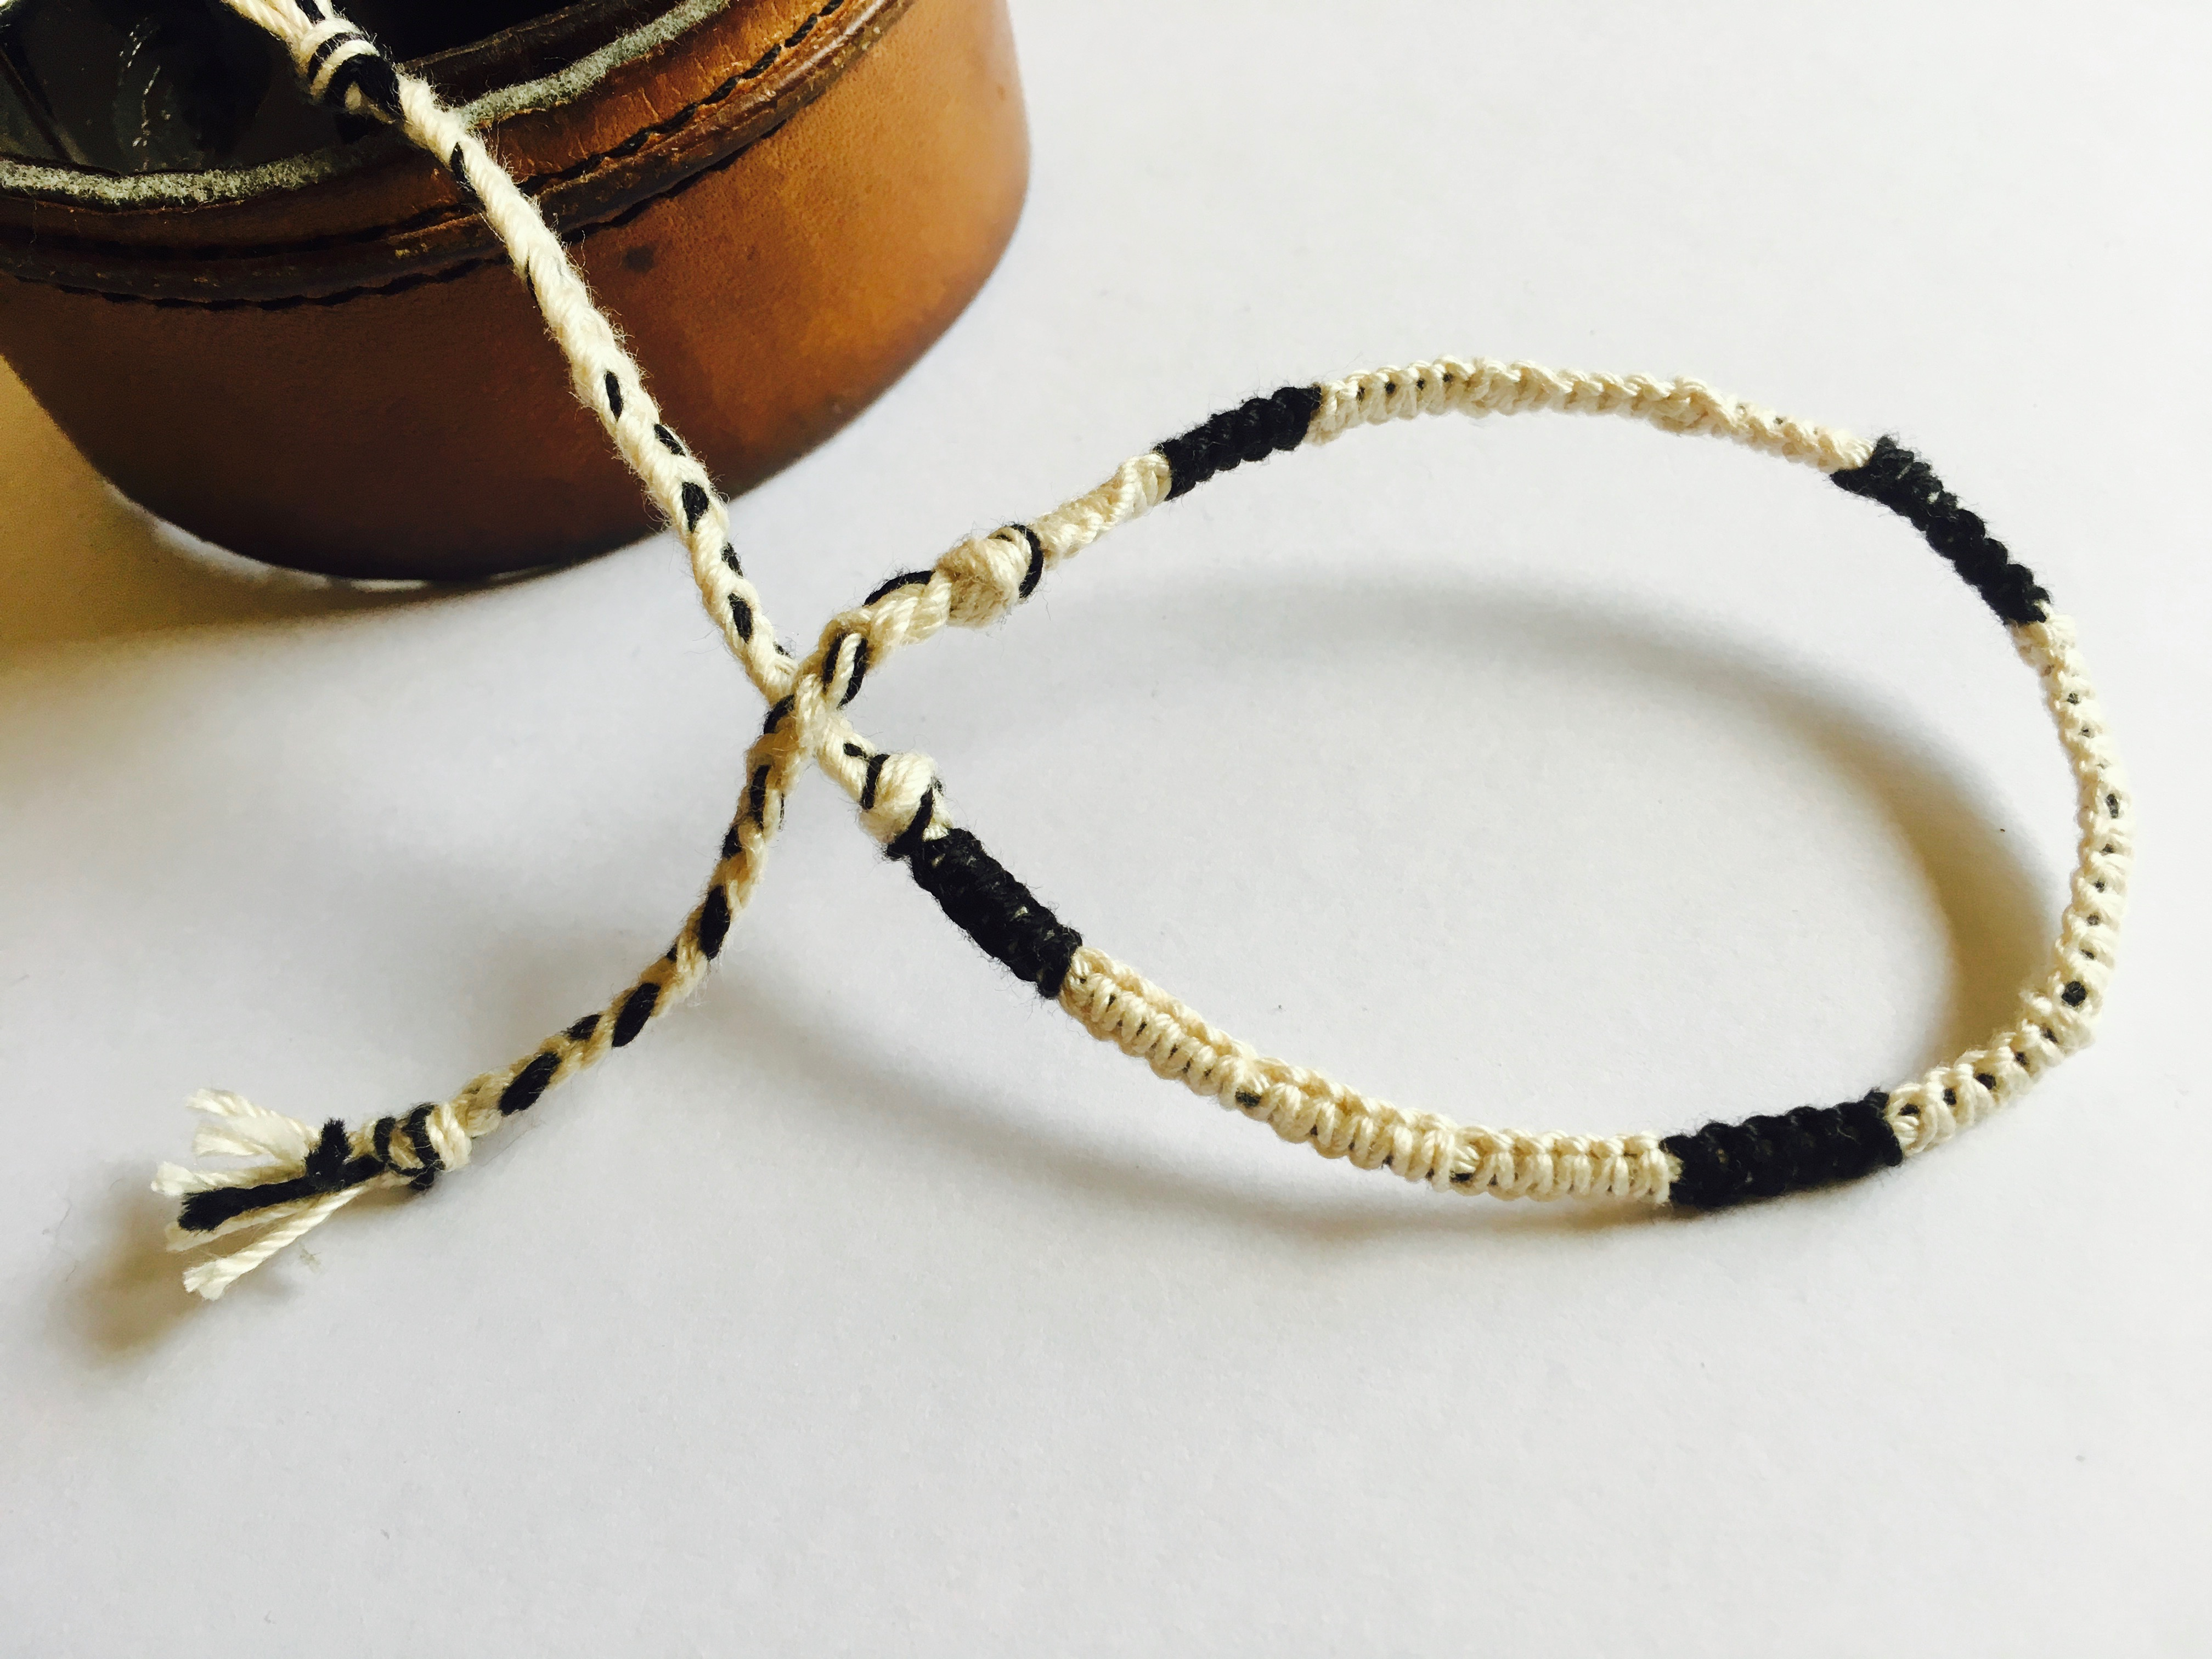 ミサンガの編み方『平結び』でシンプル2色ミサンガの作り方